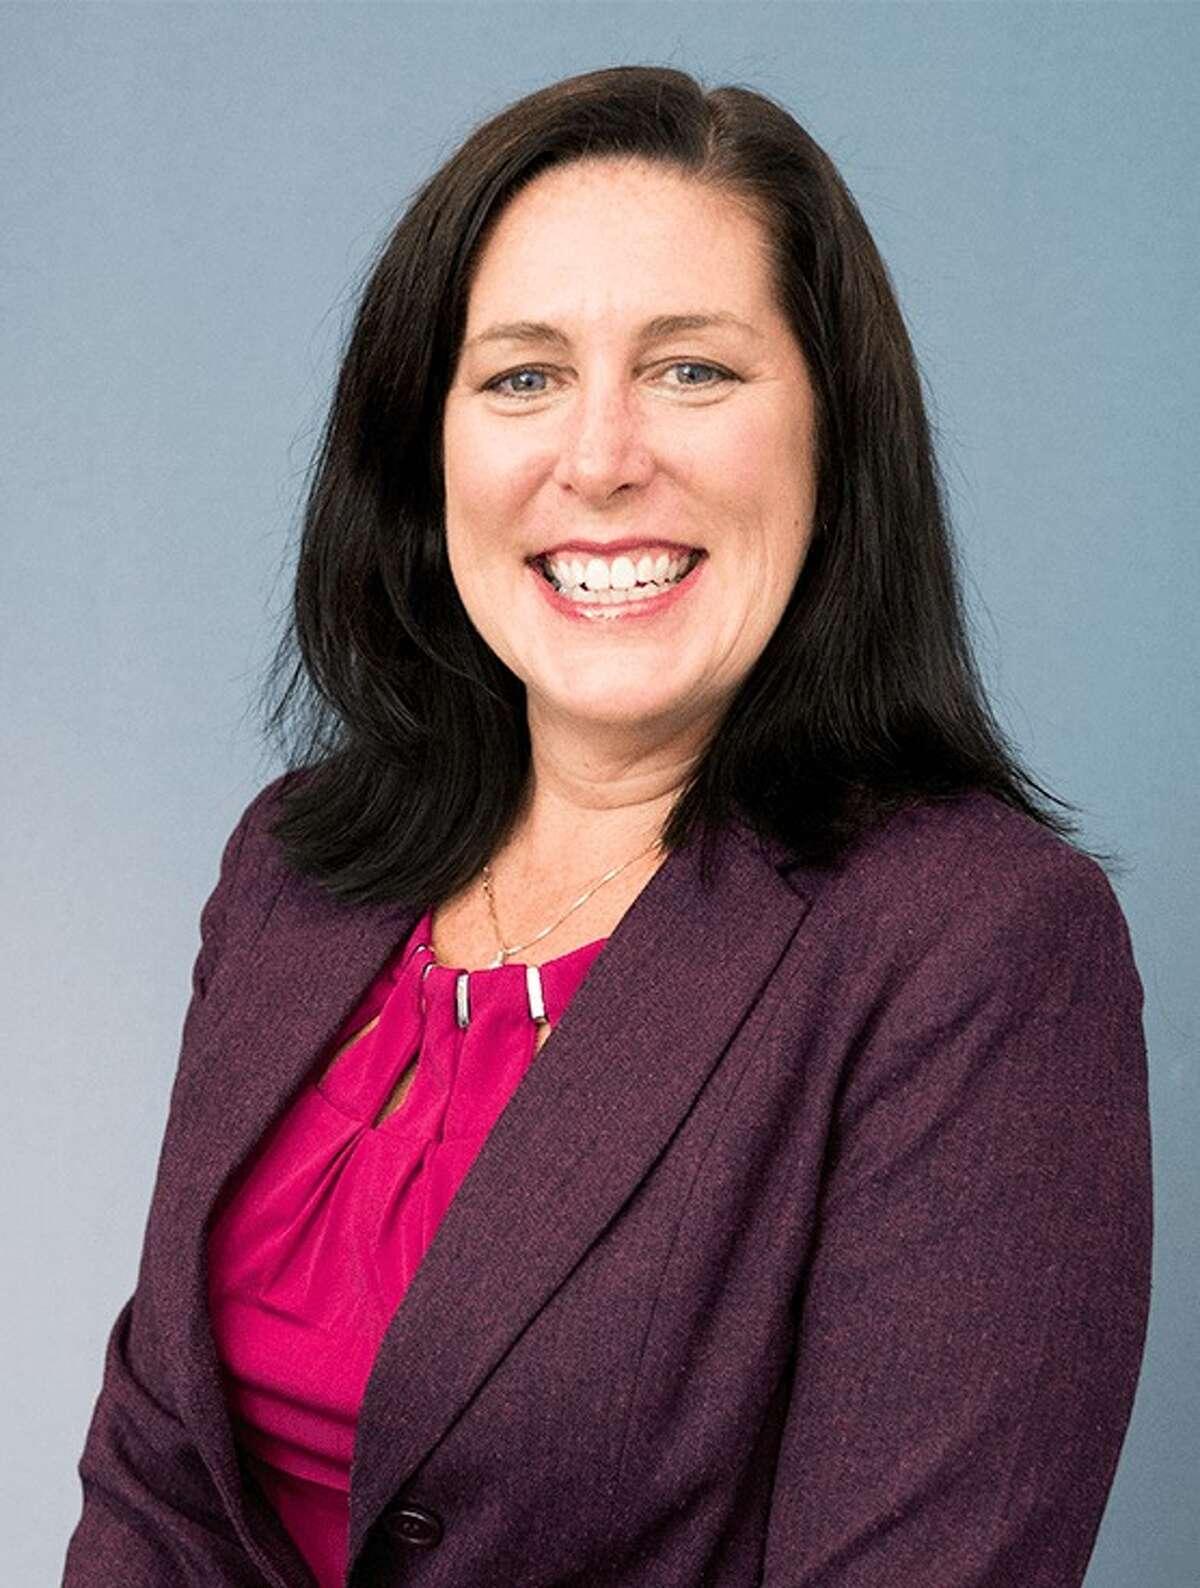 Lynette Maffei